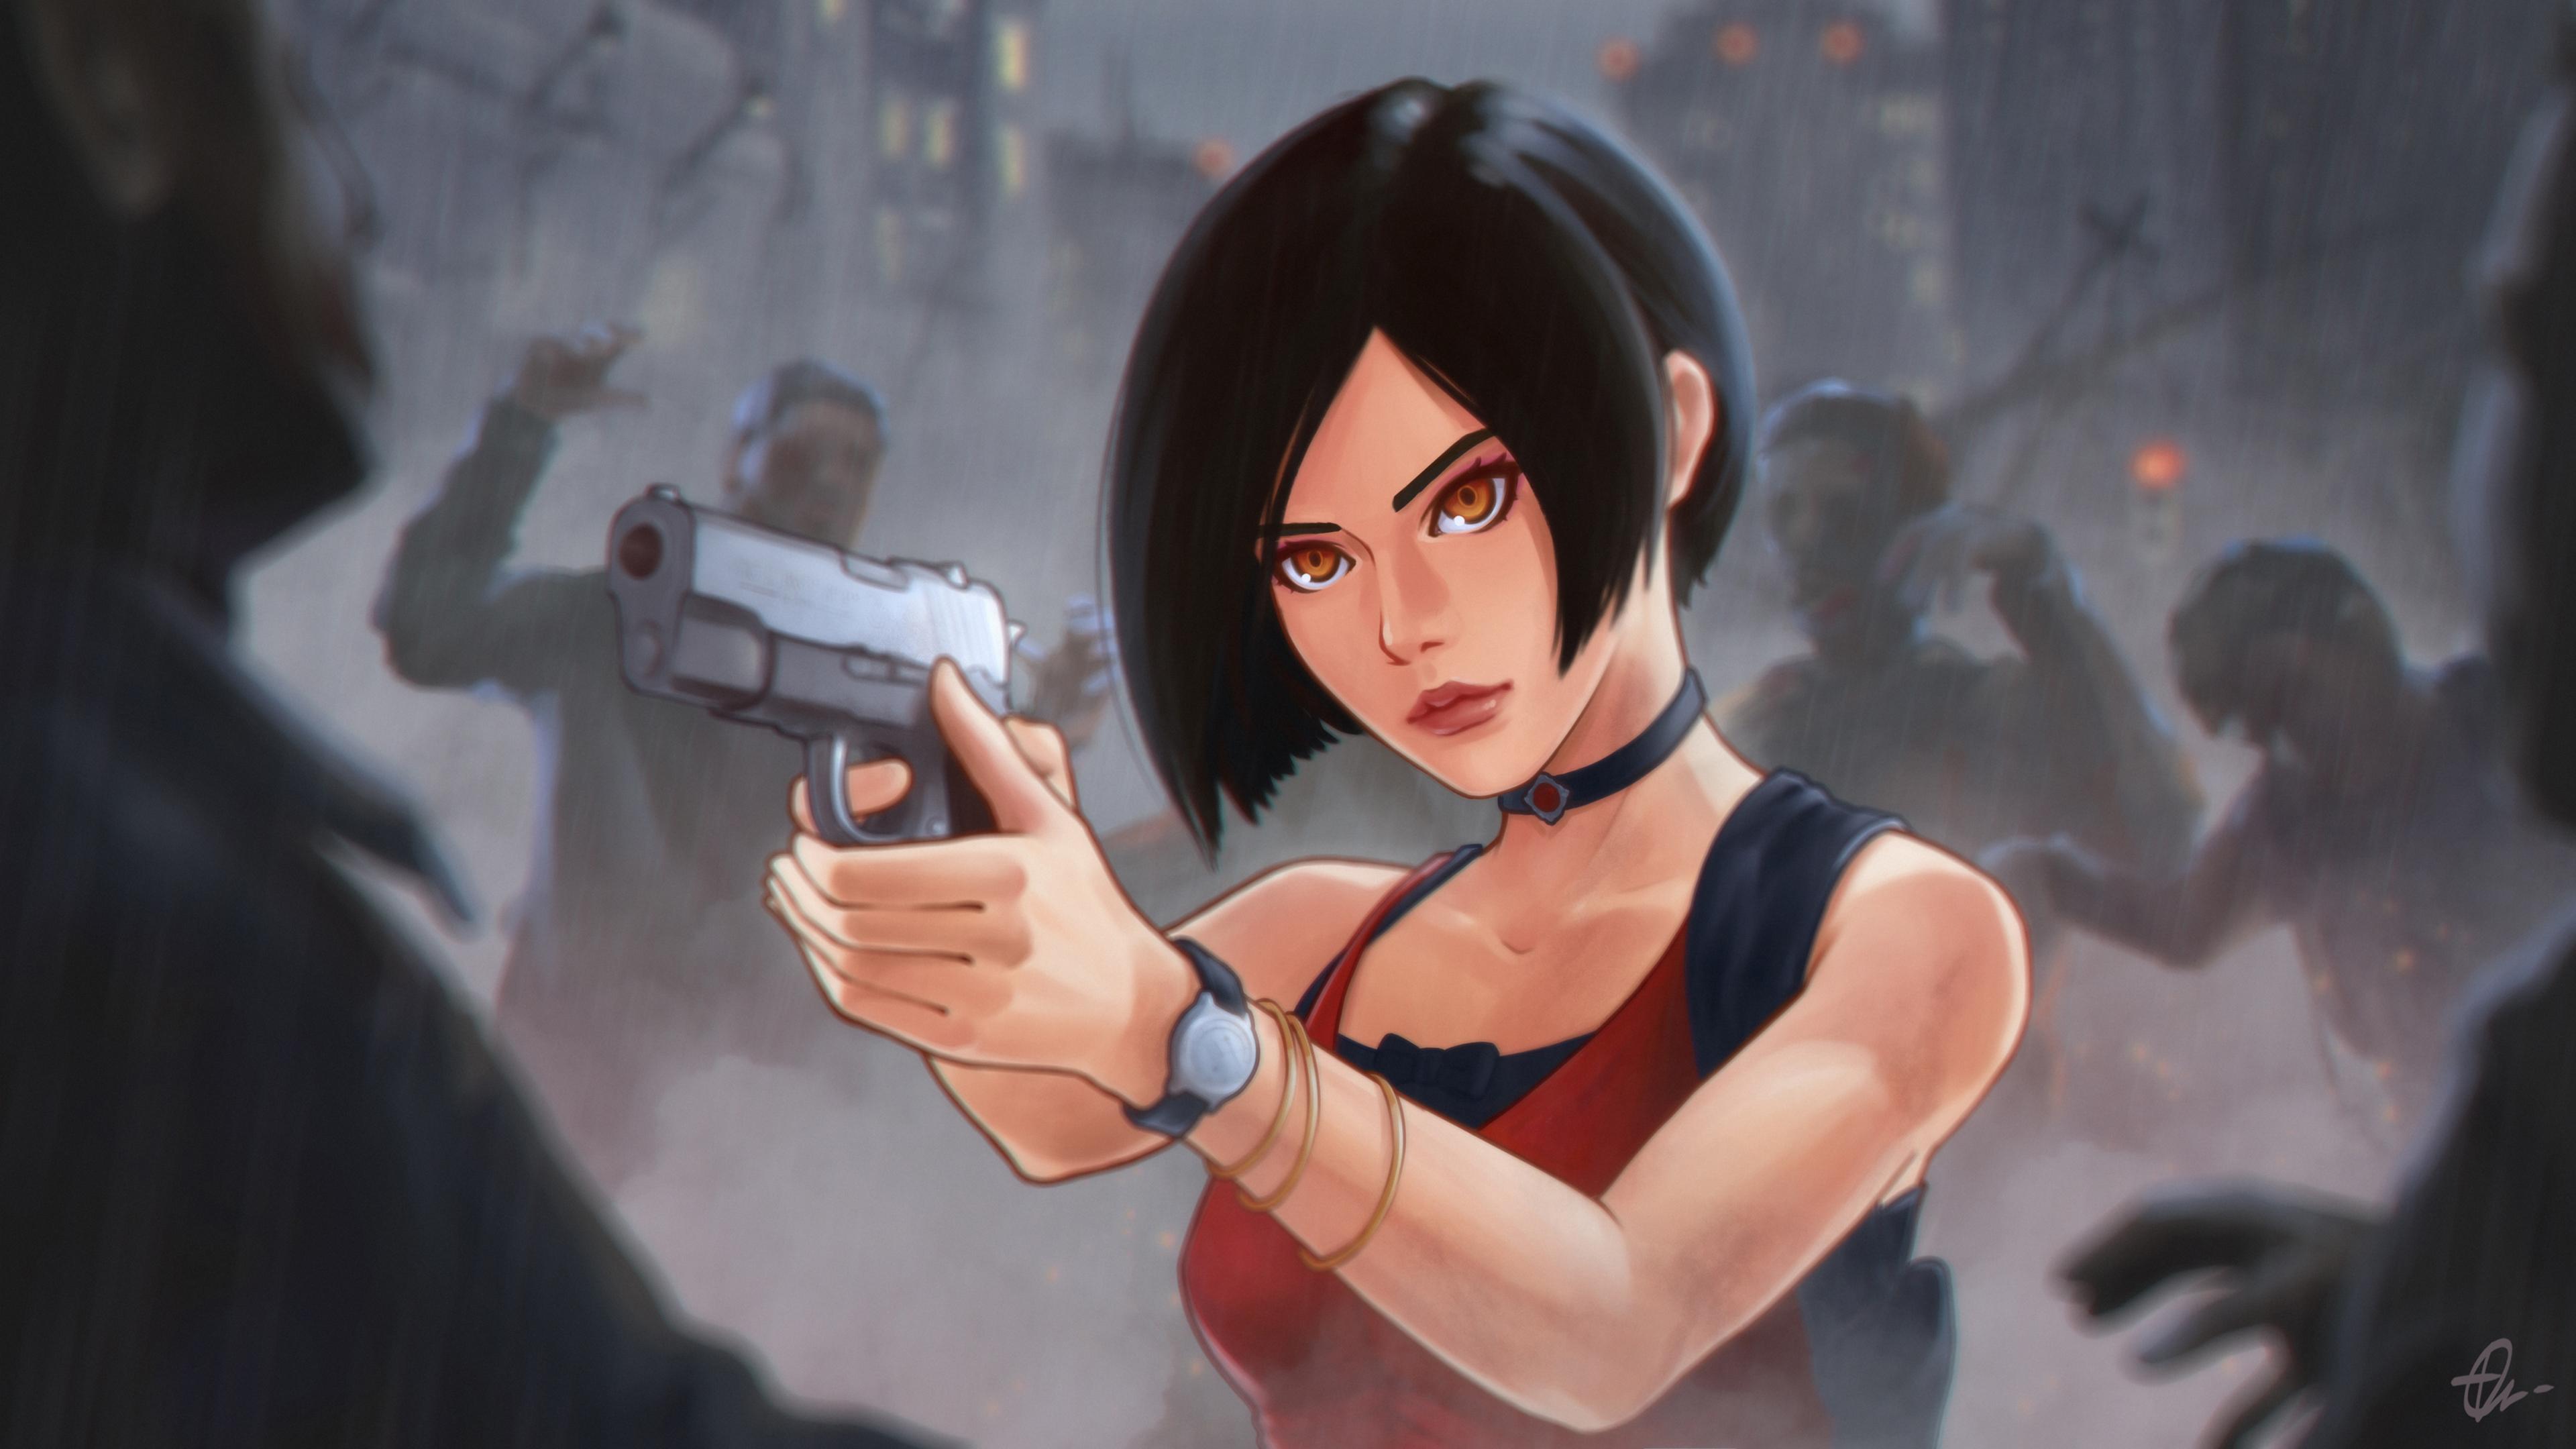 Wallpaper Ada Wong Resident Evil 2 Remake Resident Evil 2